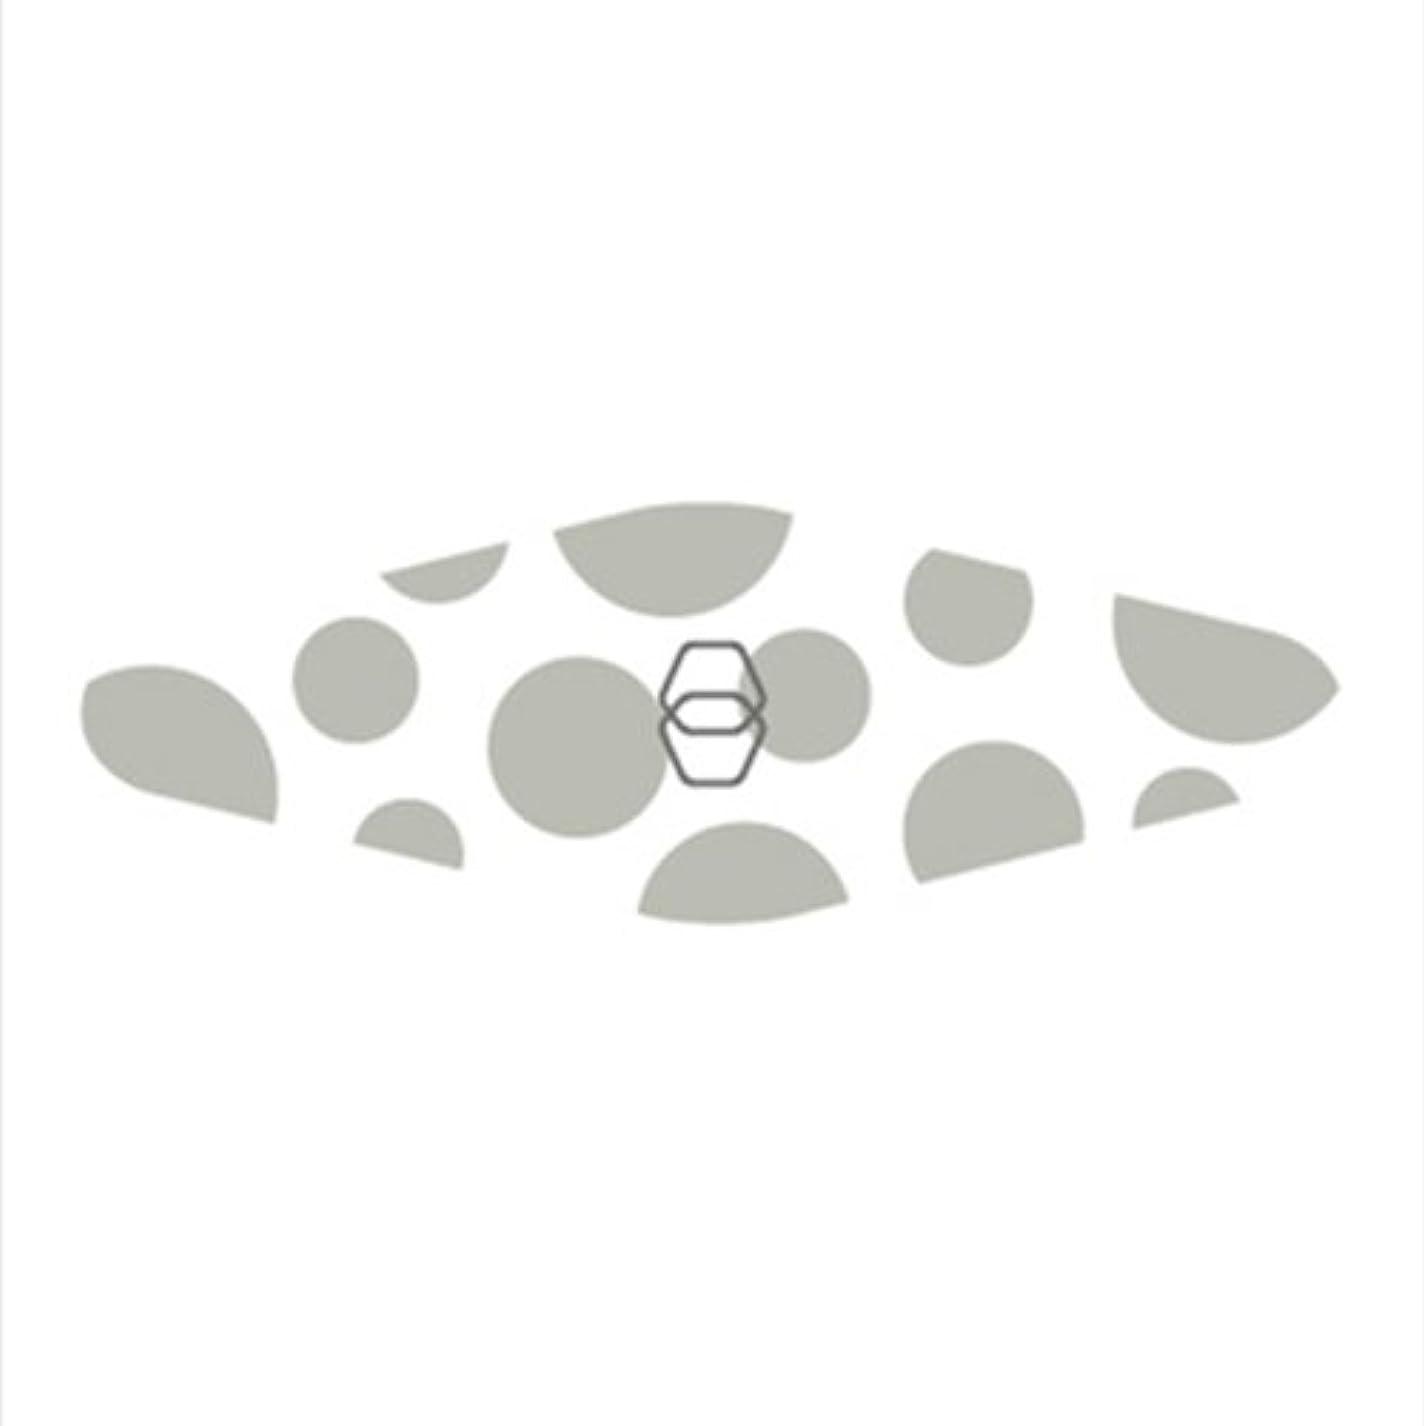 グラス国籍回るGOEI DIAMOND ダイヤモンド爪やすり キャリー(グレードット)